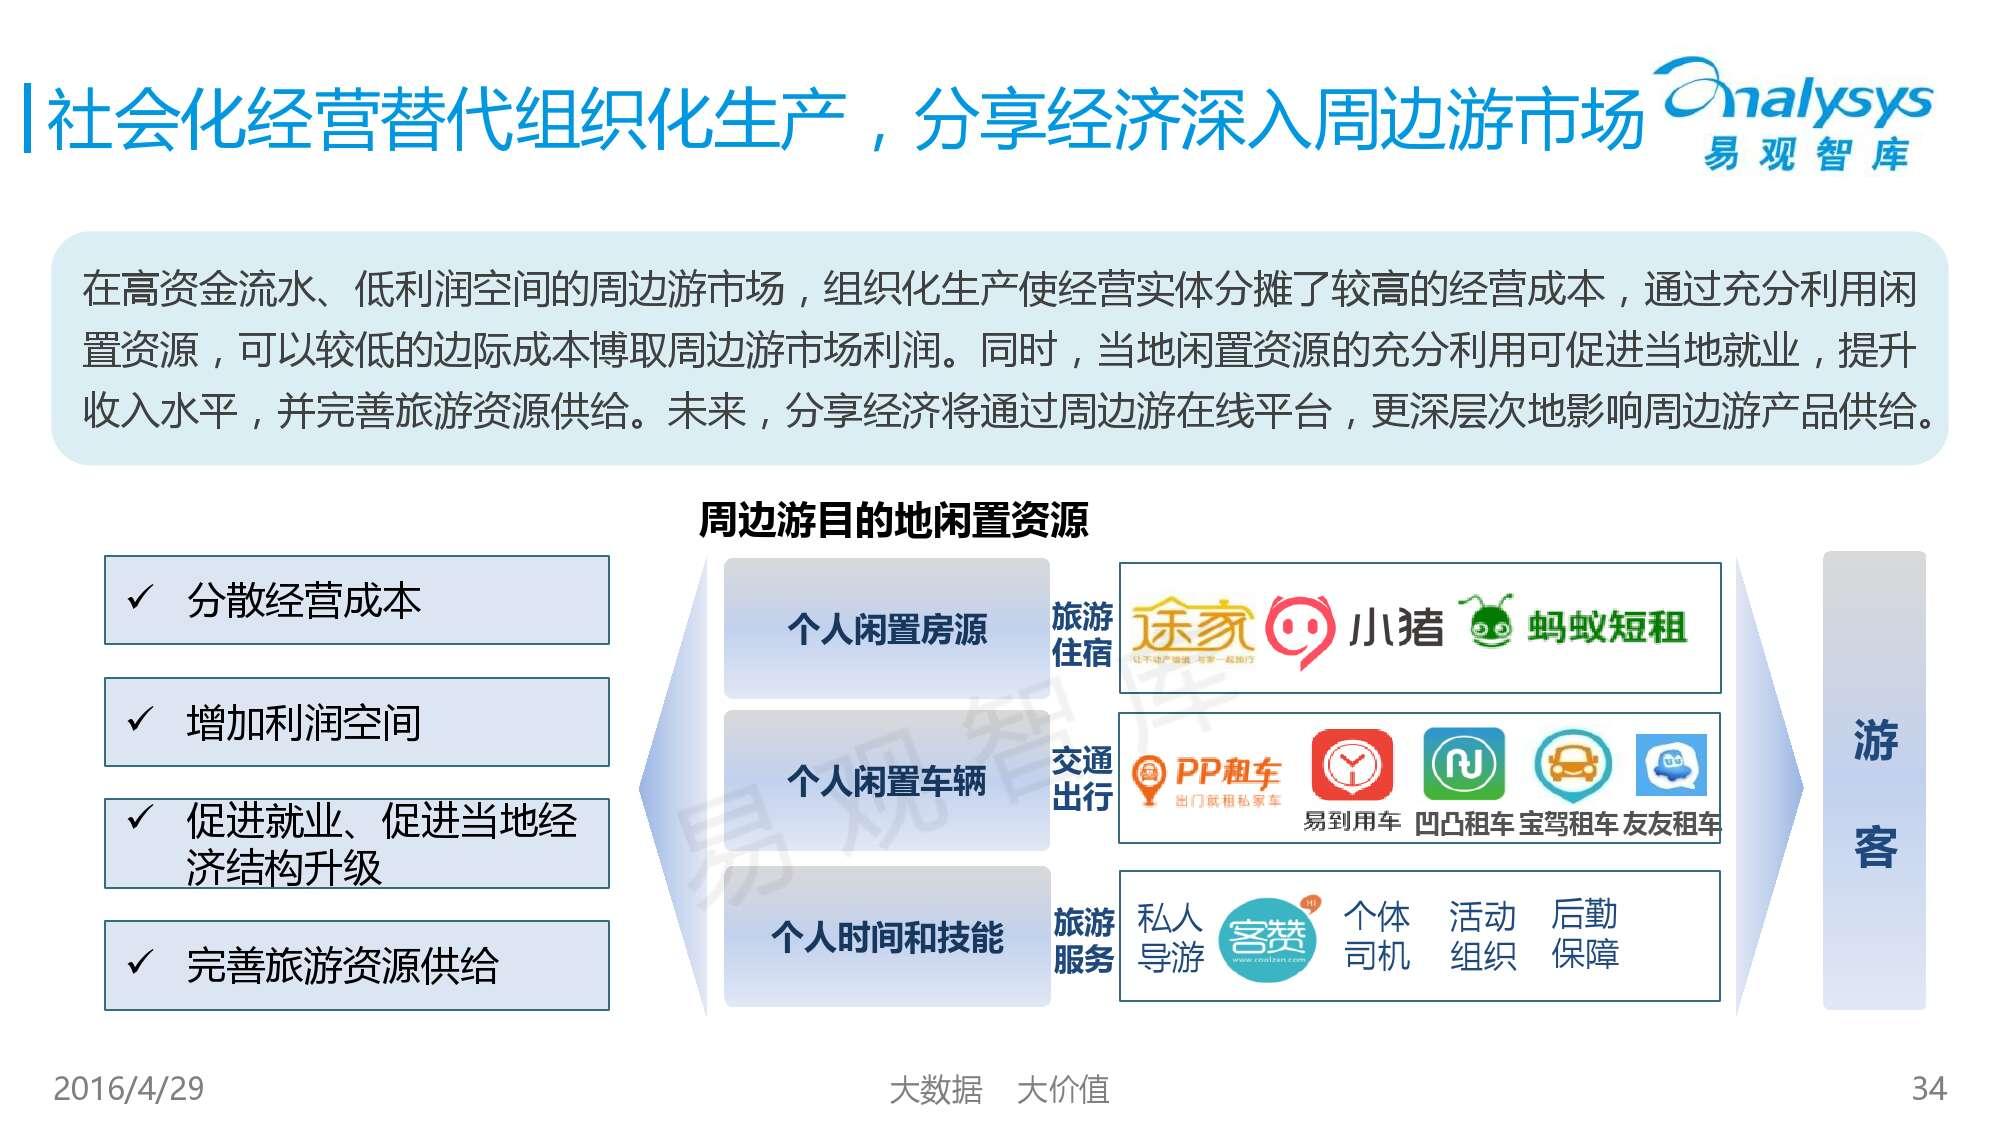 中国在线周边自助游市场专题研究报告2016_000034